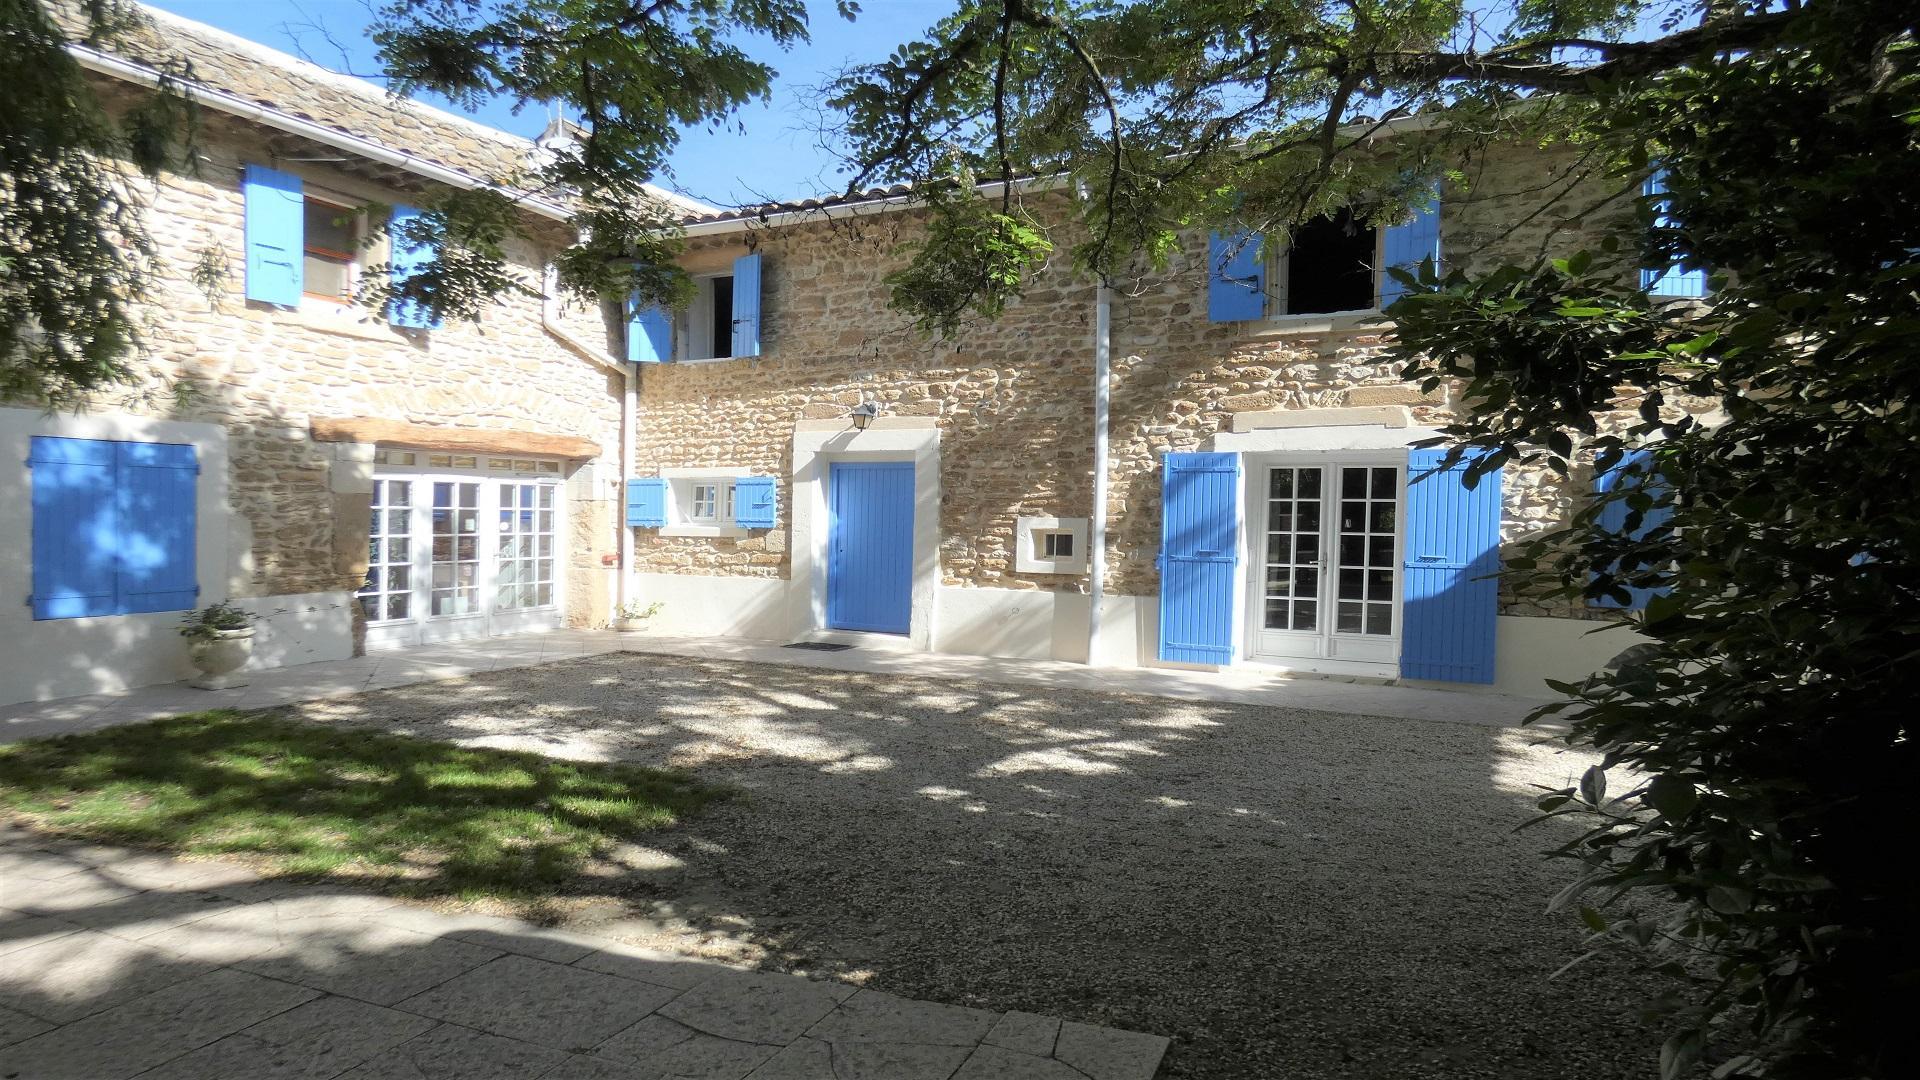 mas-du-sillot-grignan-vaucluse-drome-patio-seminaire-de-caractere